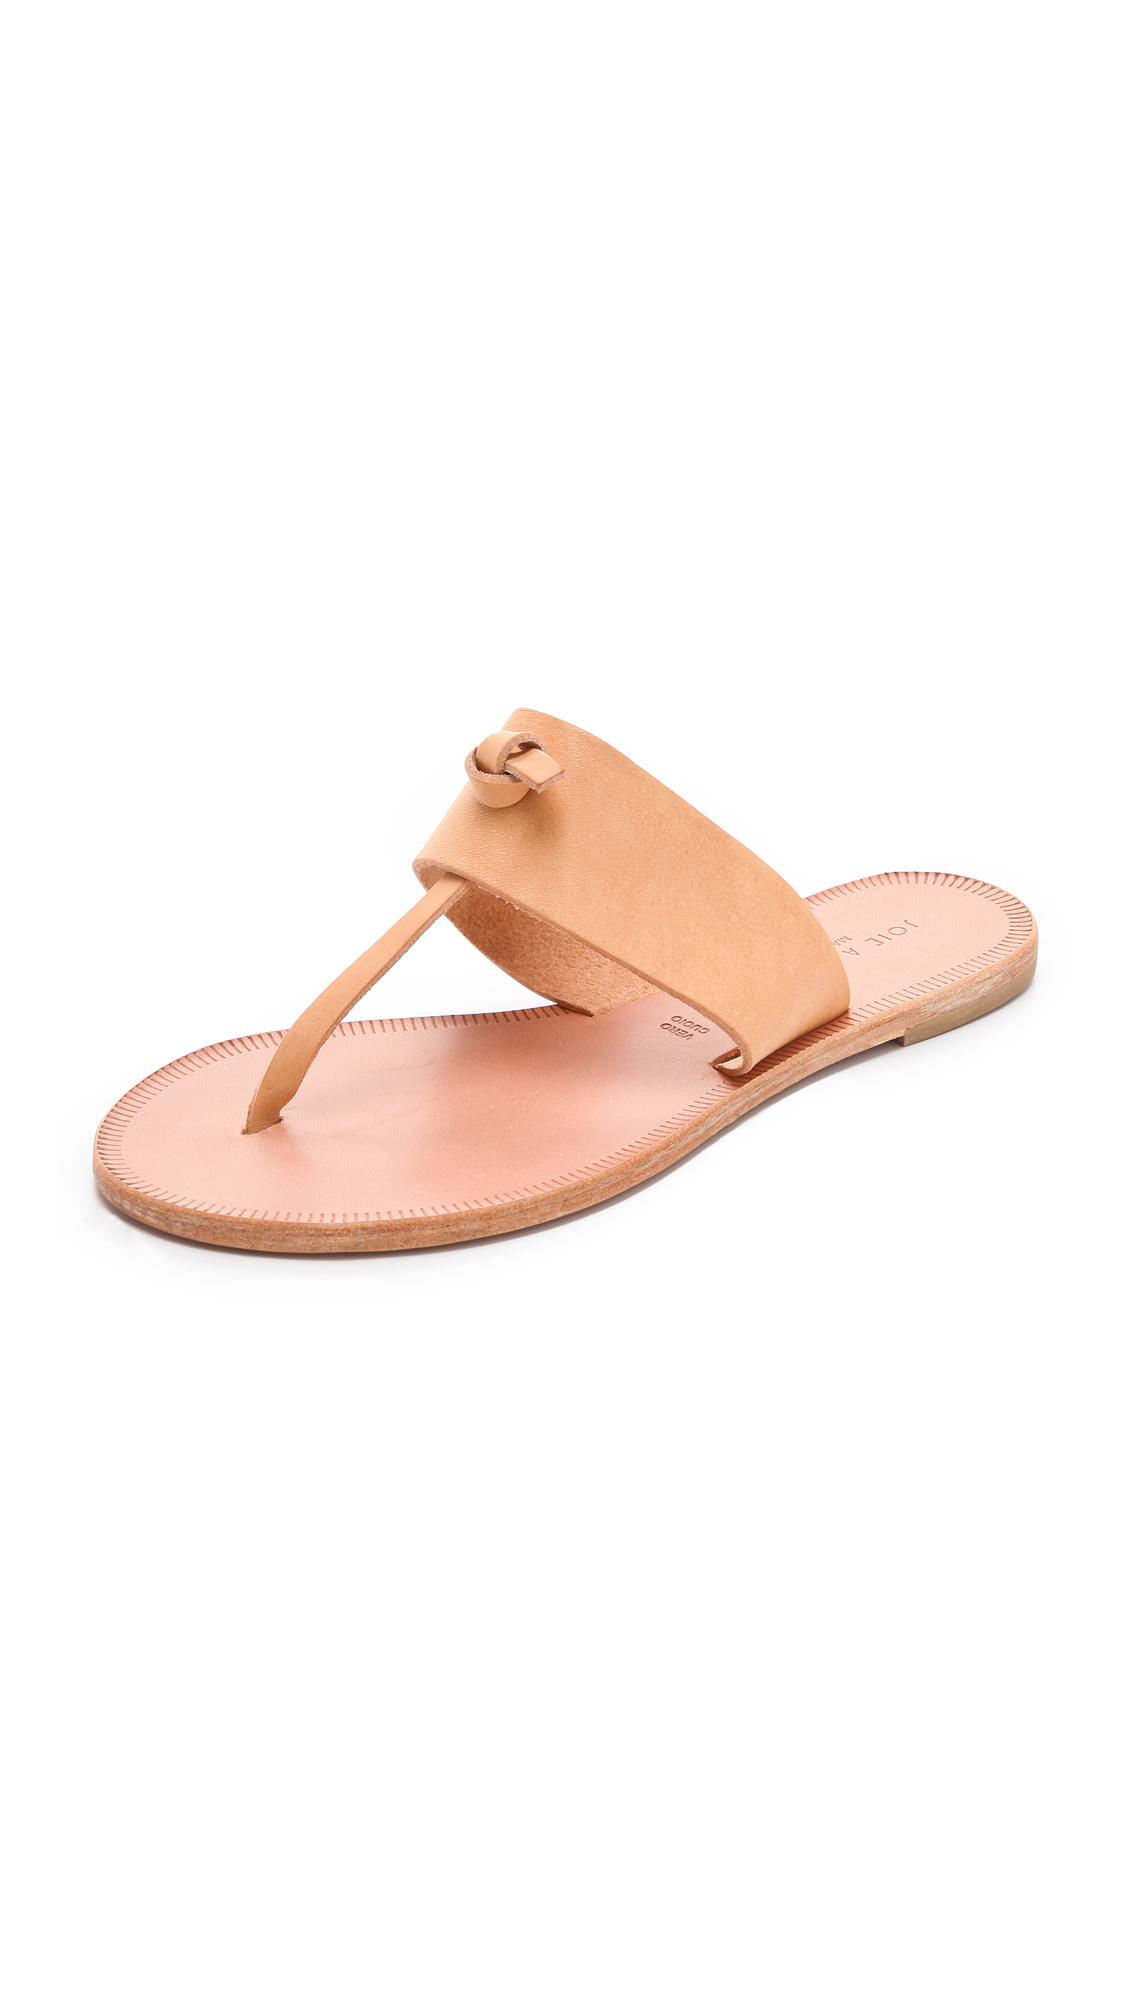 7662191138881b Joie A La Plage Nice Sandals